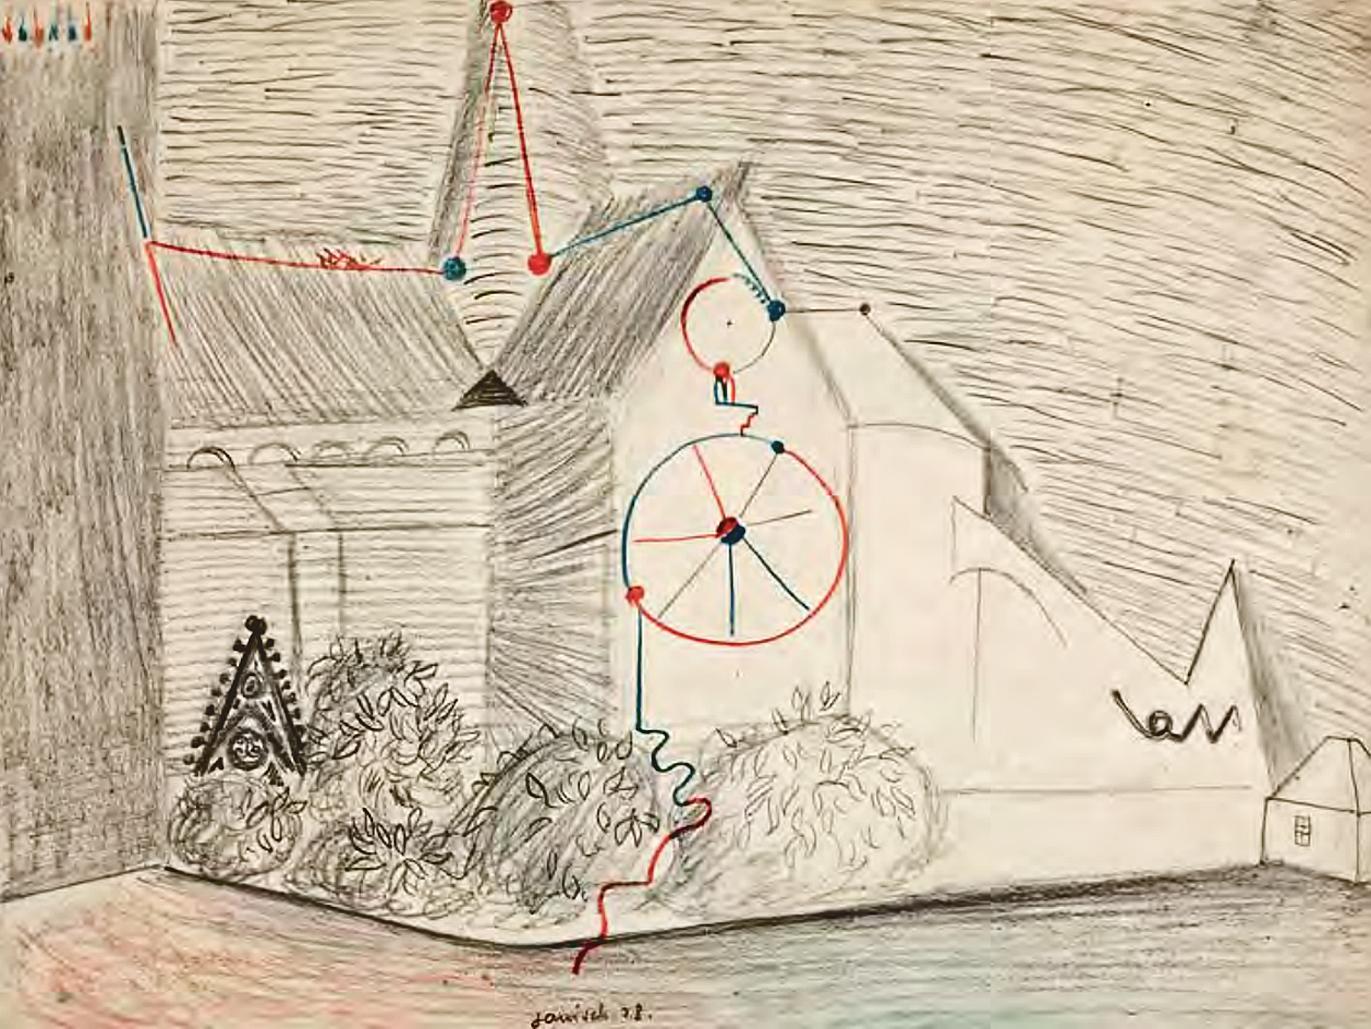 Єжи Яніш. Клюні, 1929; папір, олівець, крейда; NMWr